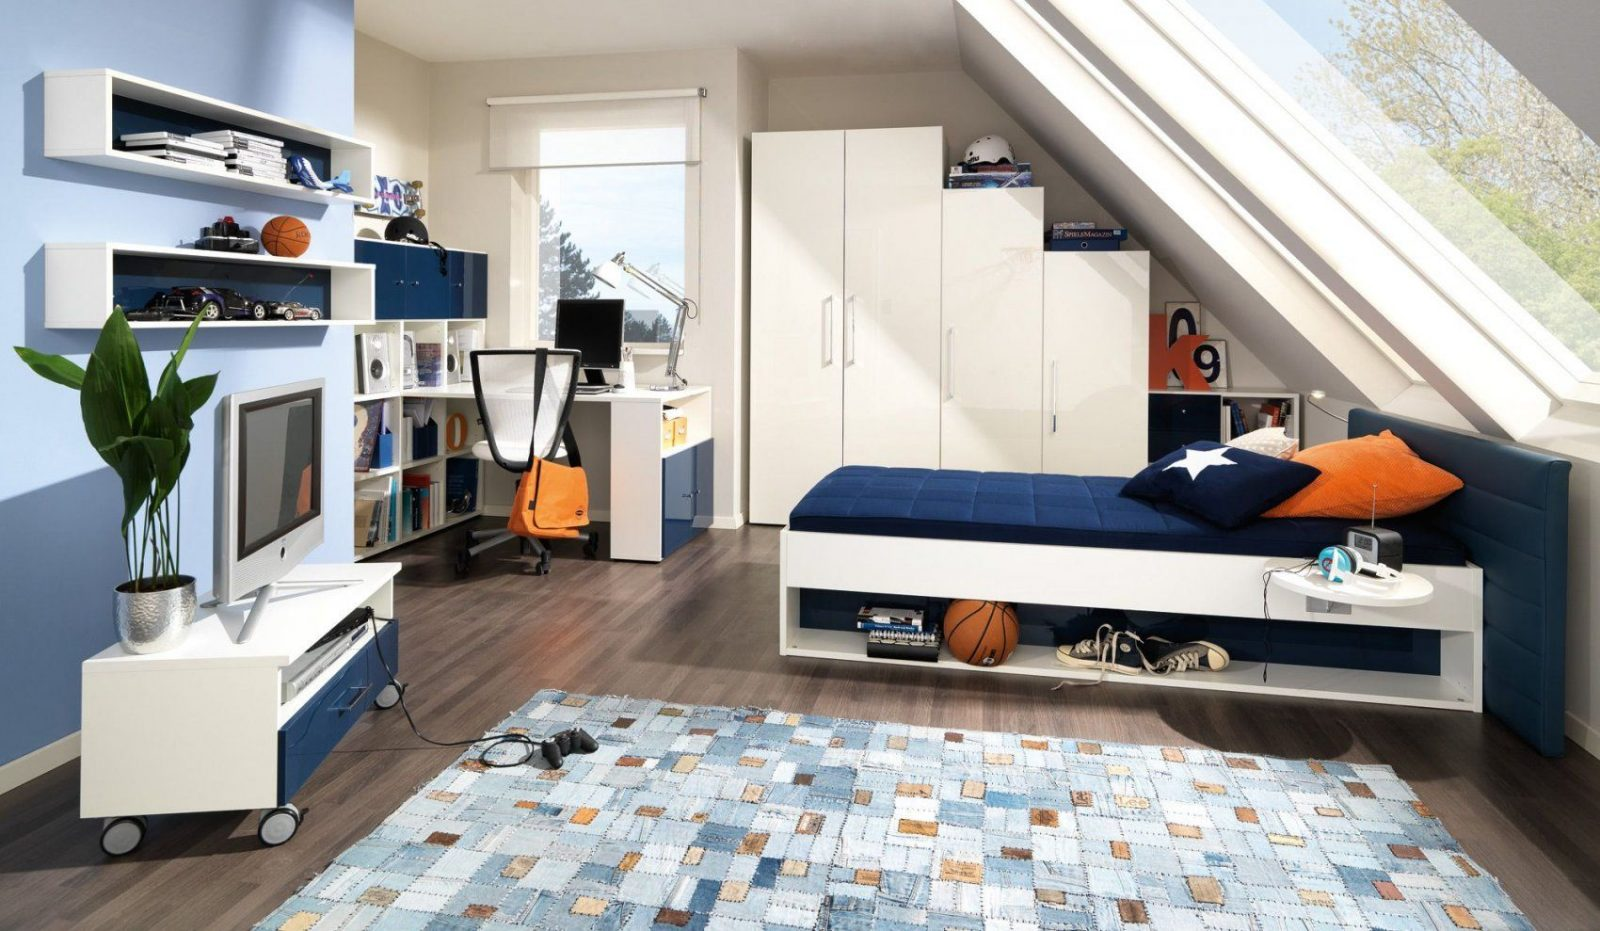 Jugendzimmer In Blau Und Creme Gestalten  Jugendzimmer  Pinterest von Kinderzimmer Mit Dachschräge Gestalten Bild